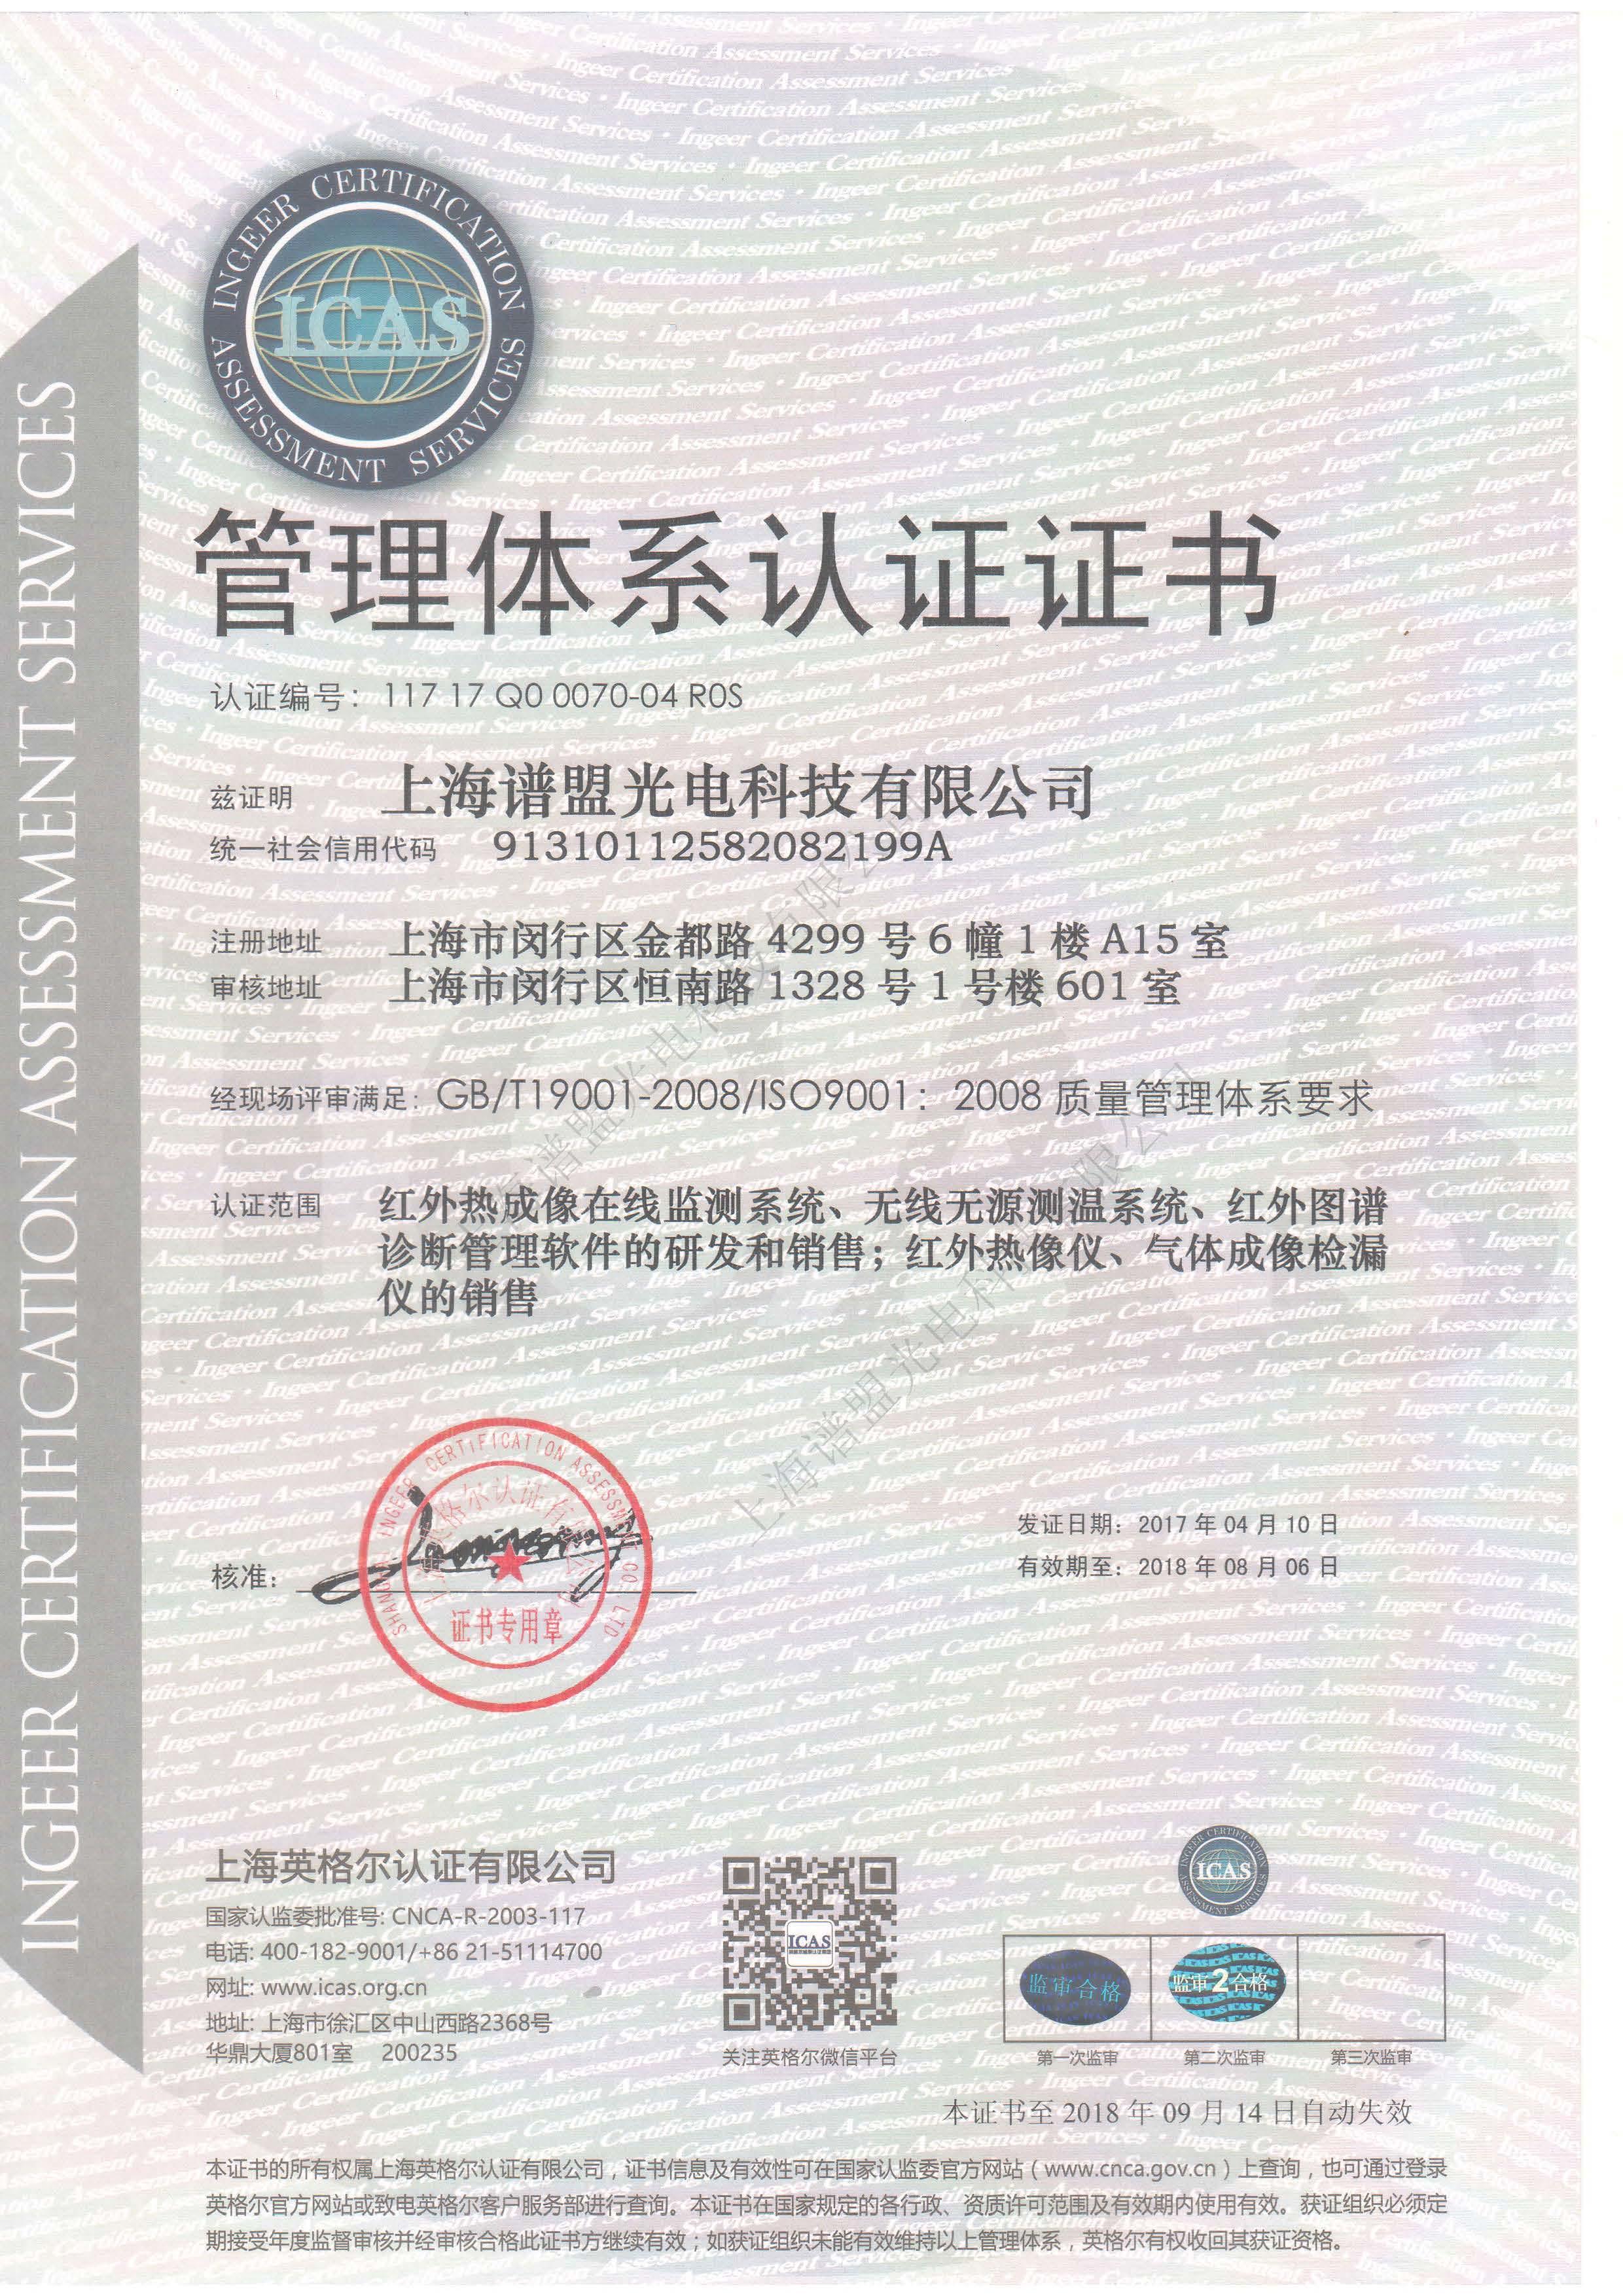 2017年ISO年审